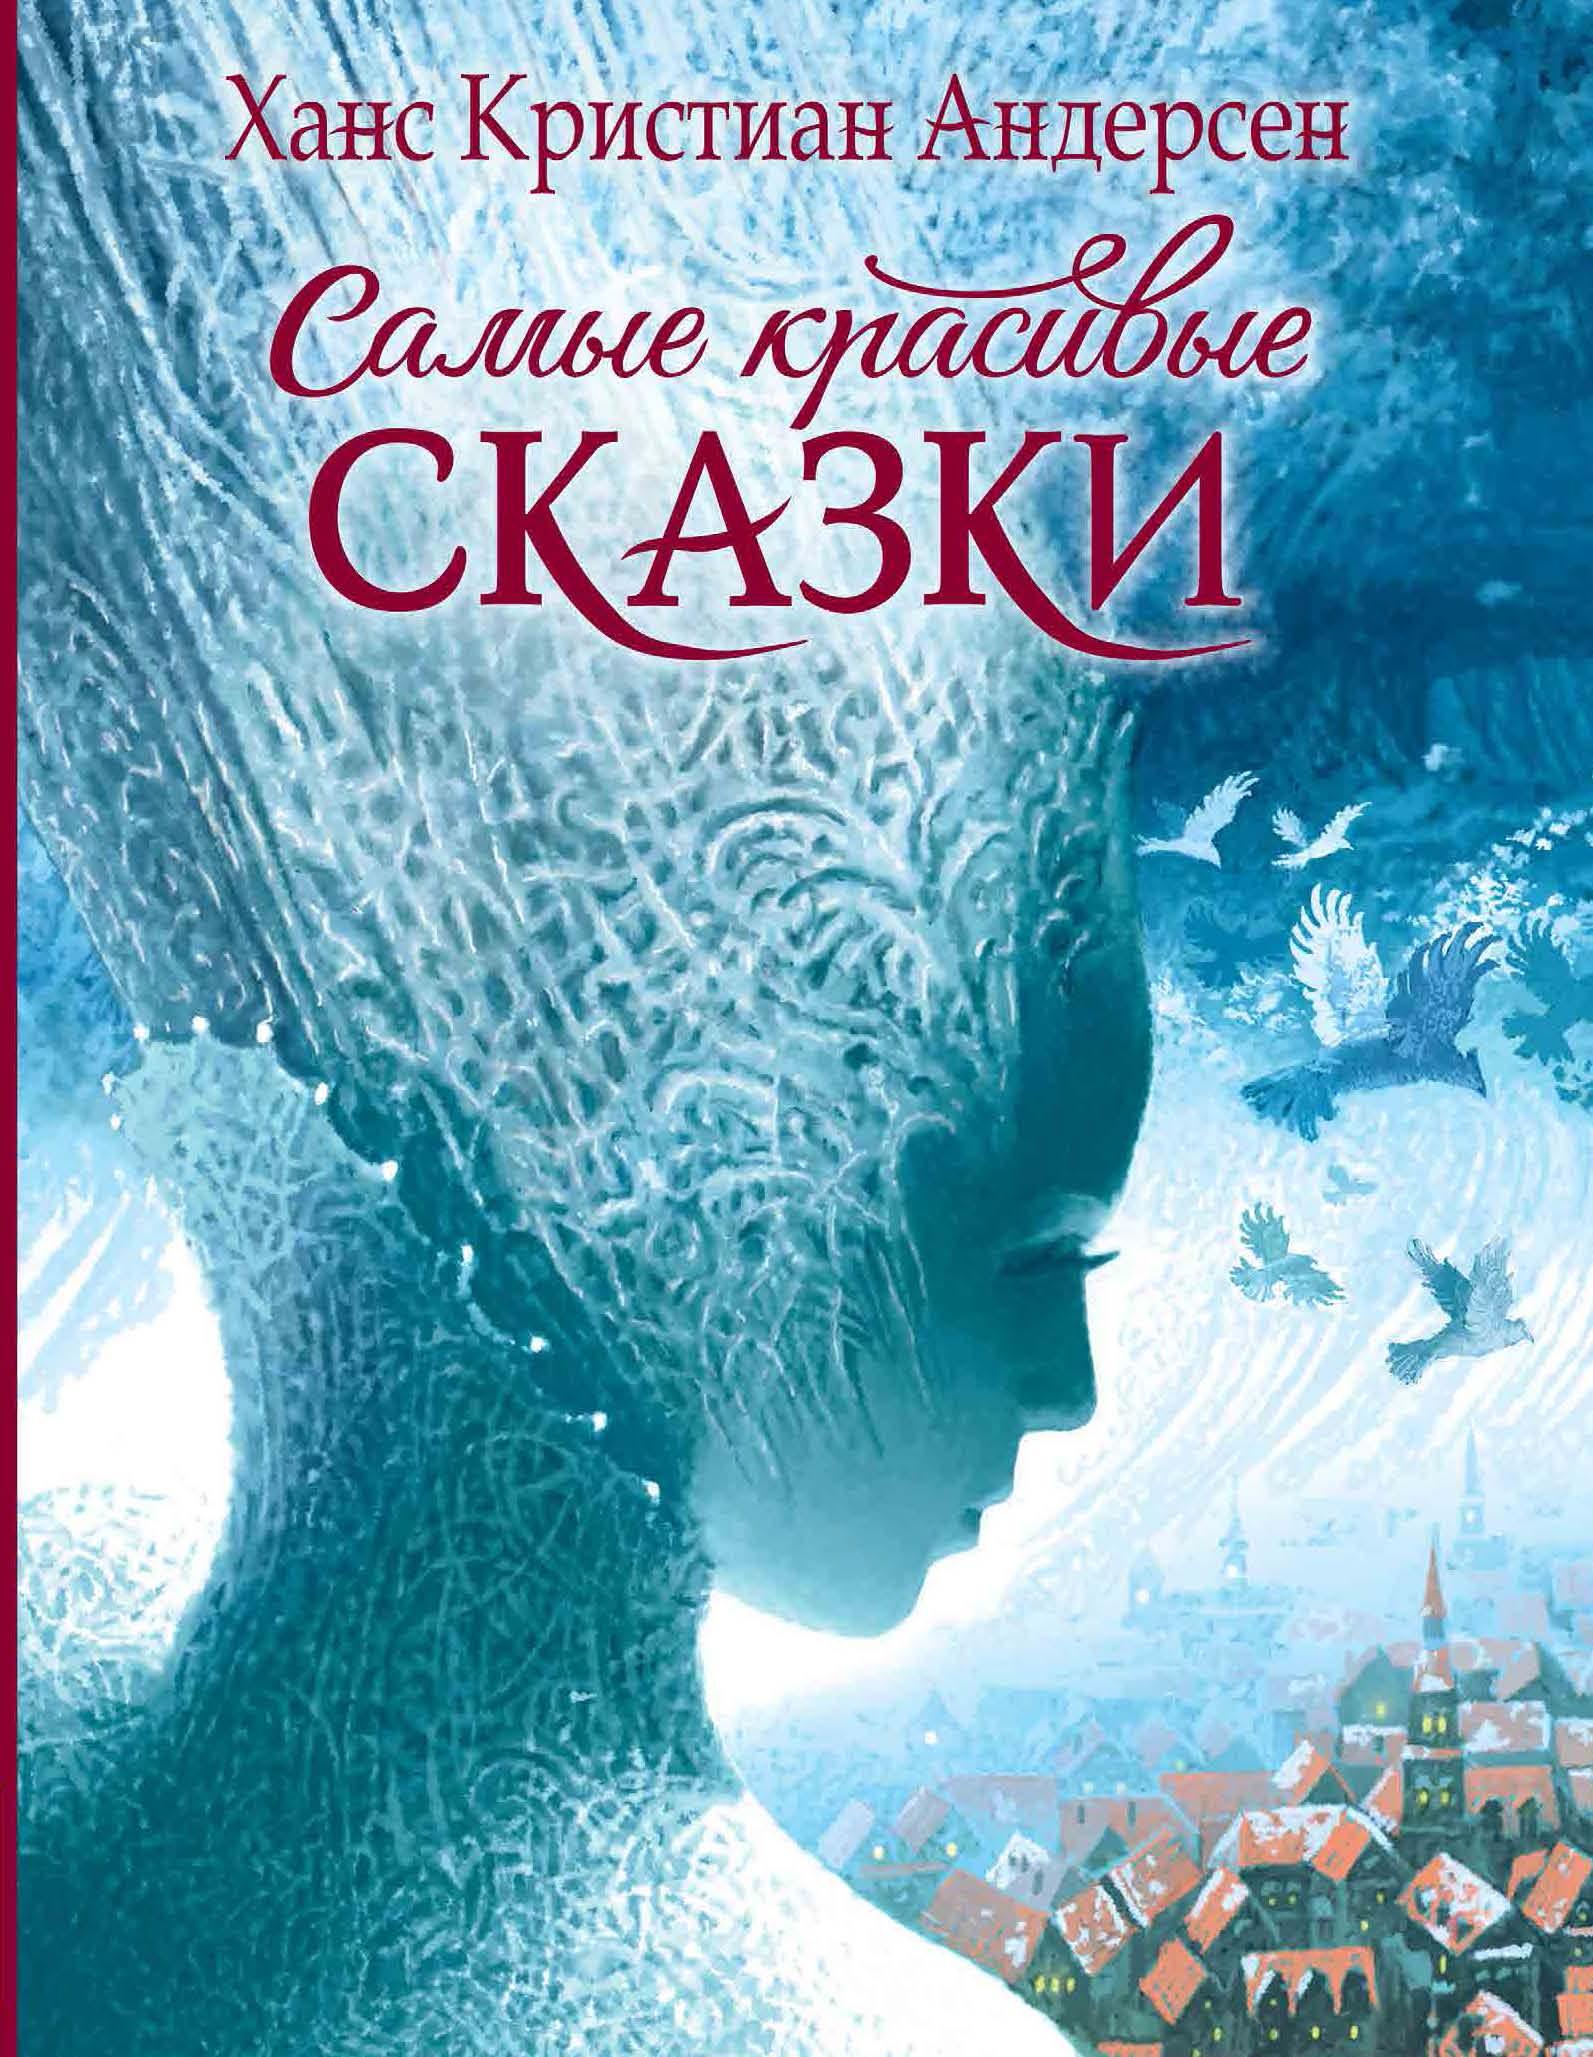 Ганс Христиан Андерсен Самые красивые сказки ганс христиан андерсен оле лукойе сборник